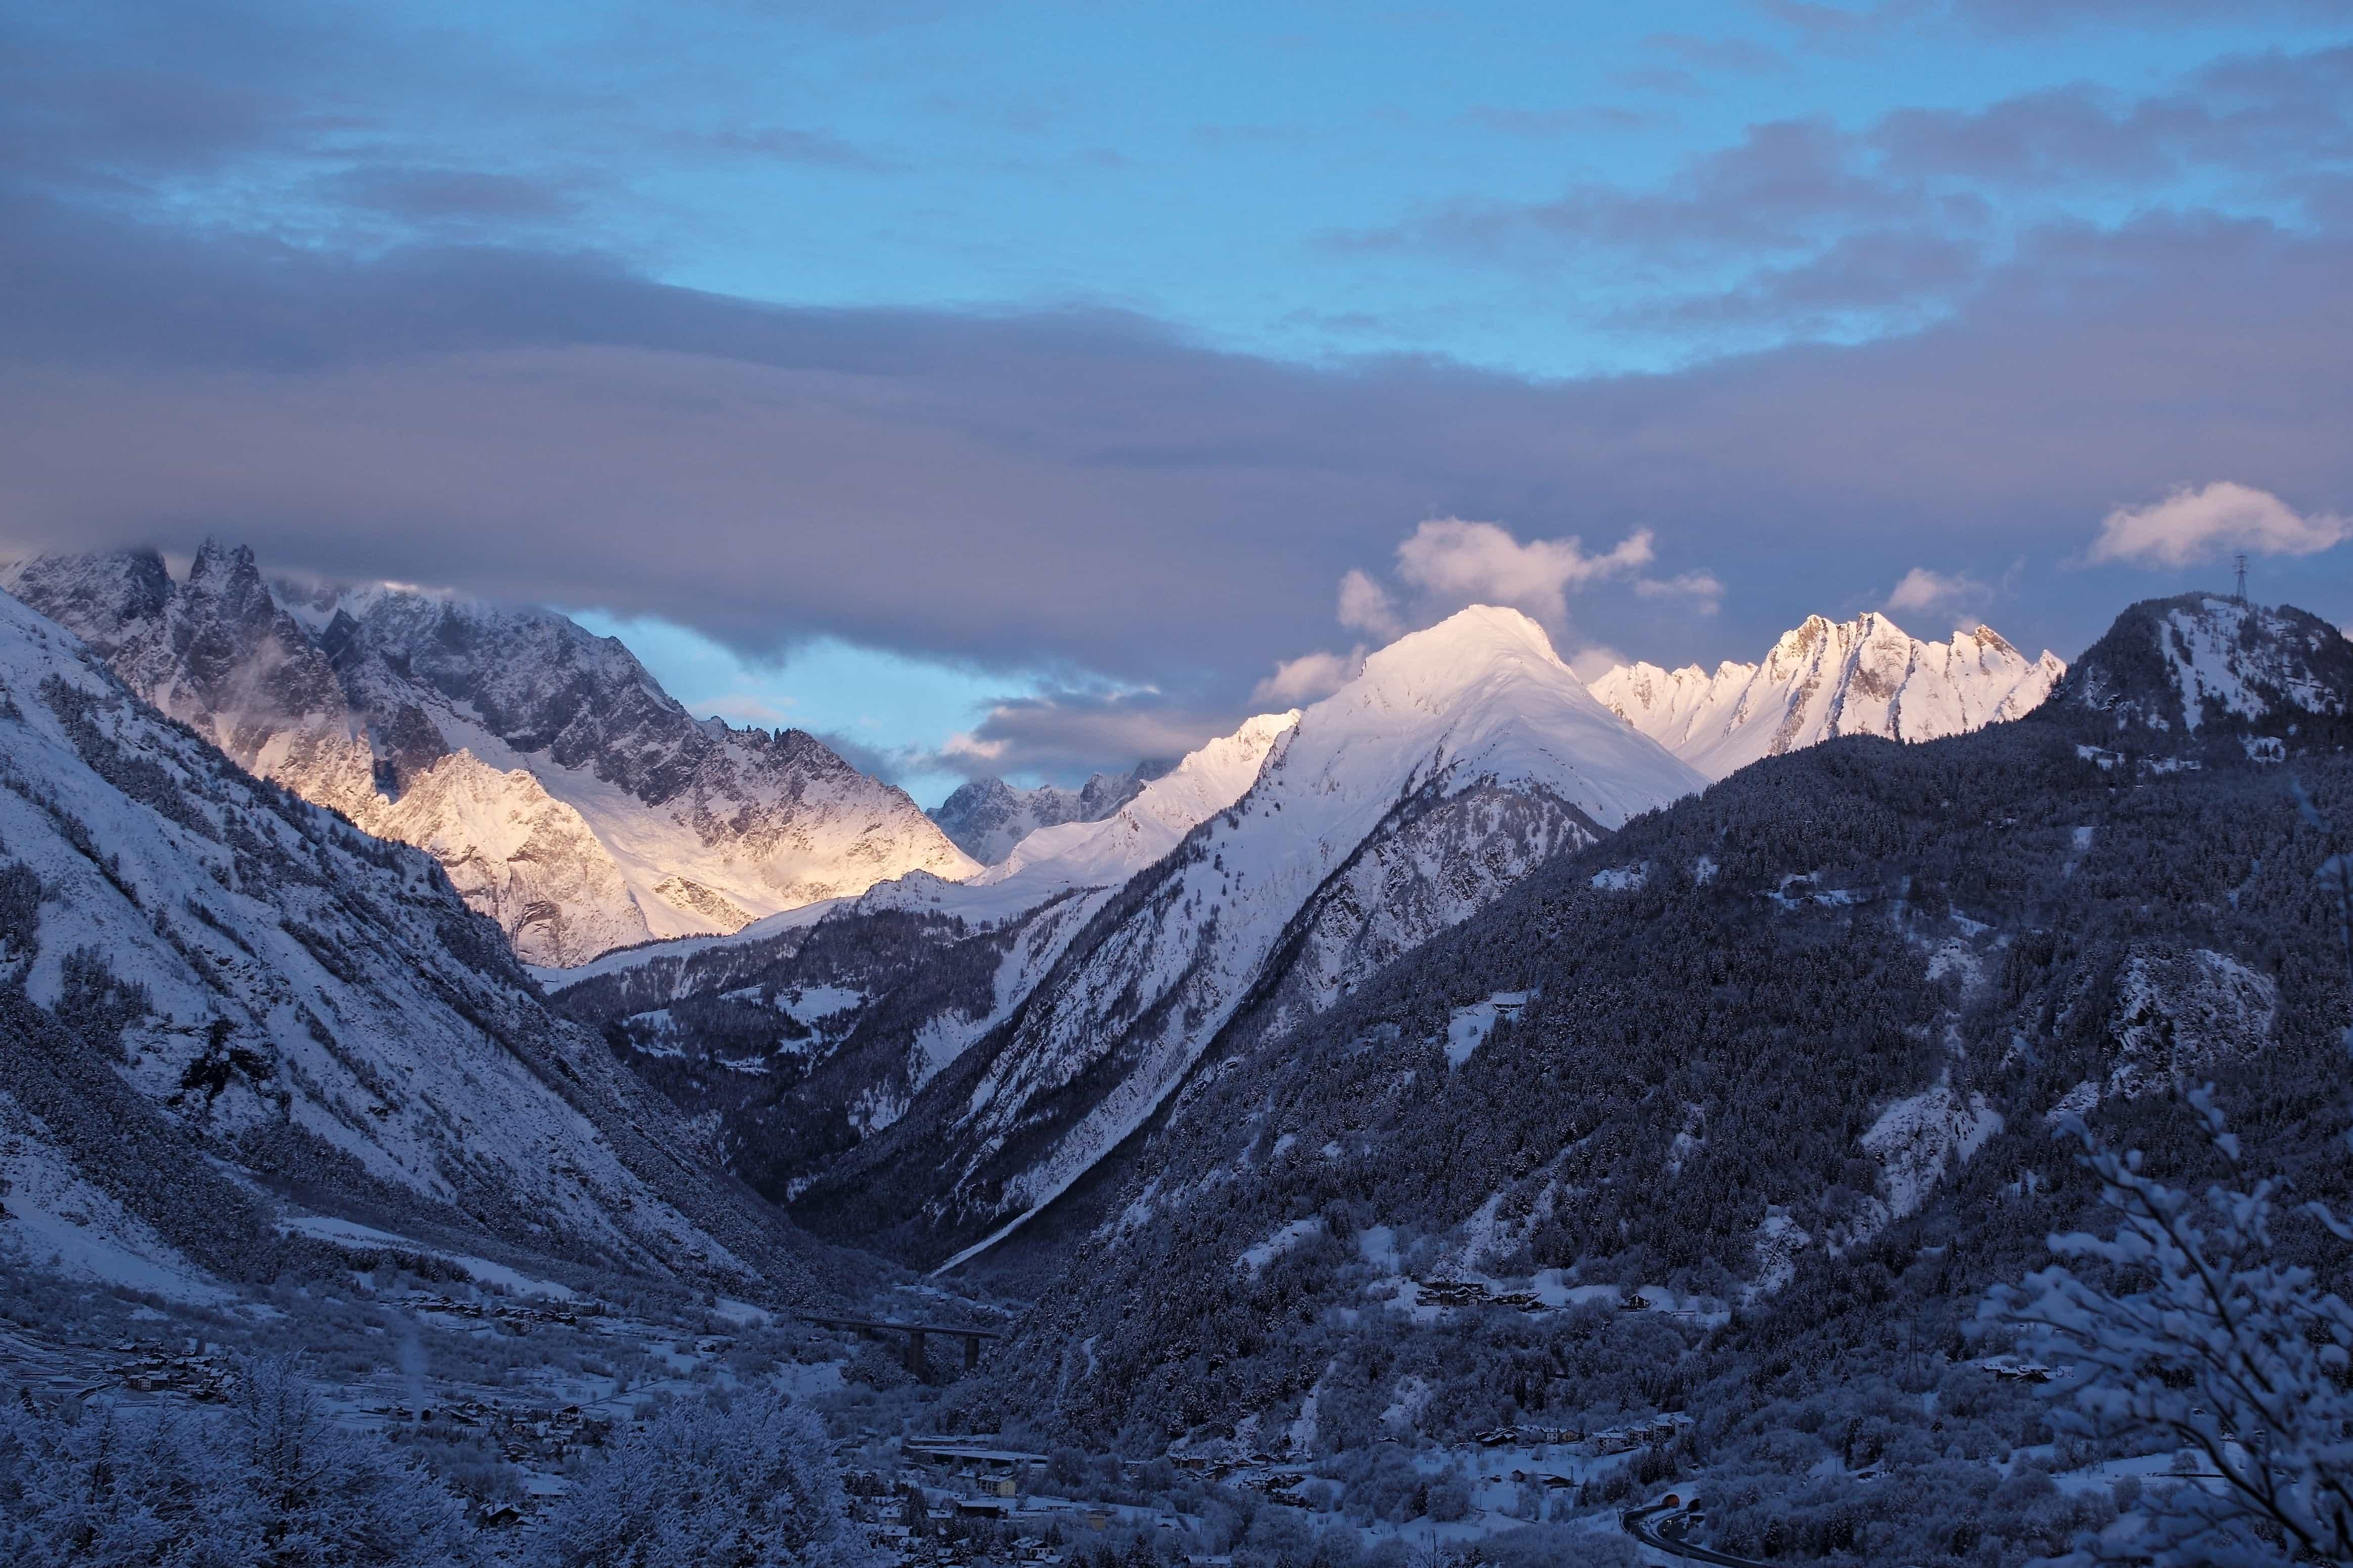 48+ Gambar Pemandangan Gunung Berapi Terbaik